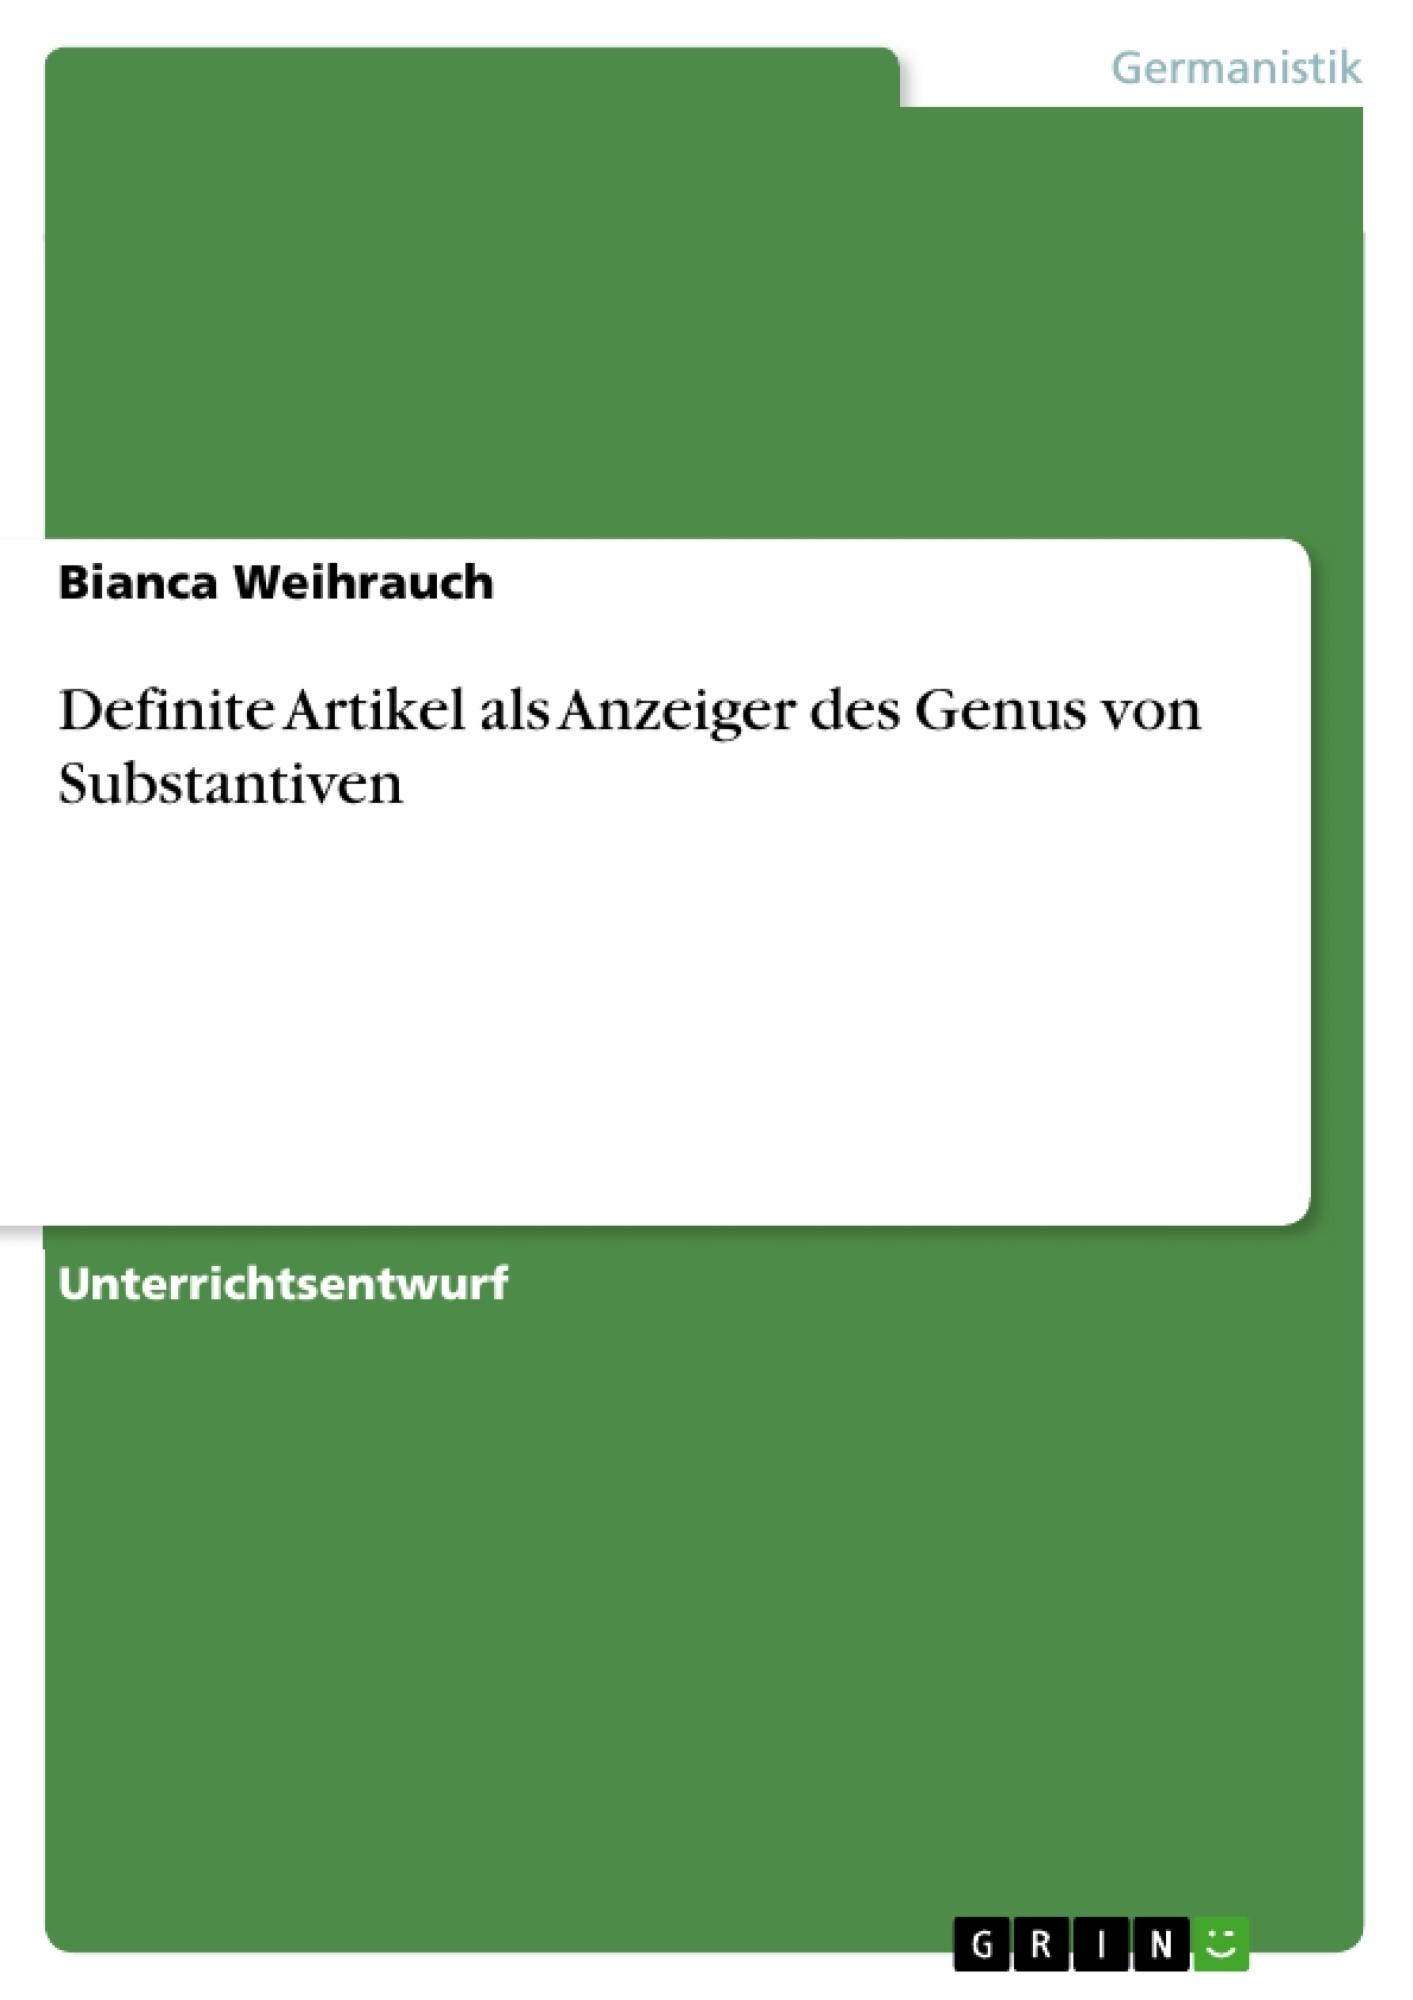 Titel: Definite Artikel als Anzeiger des Genus von Substantiven